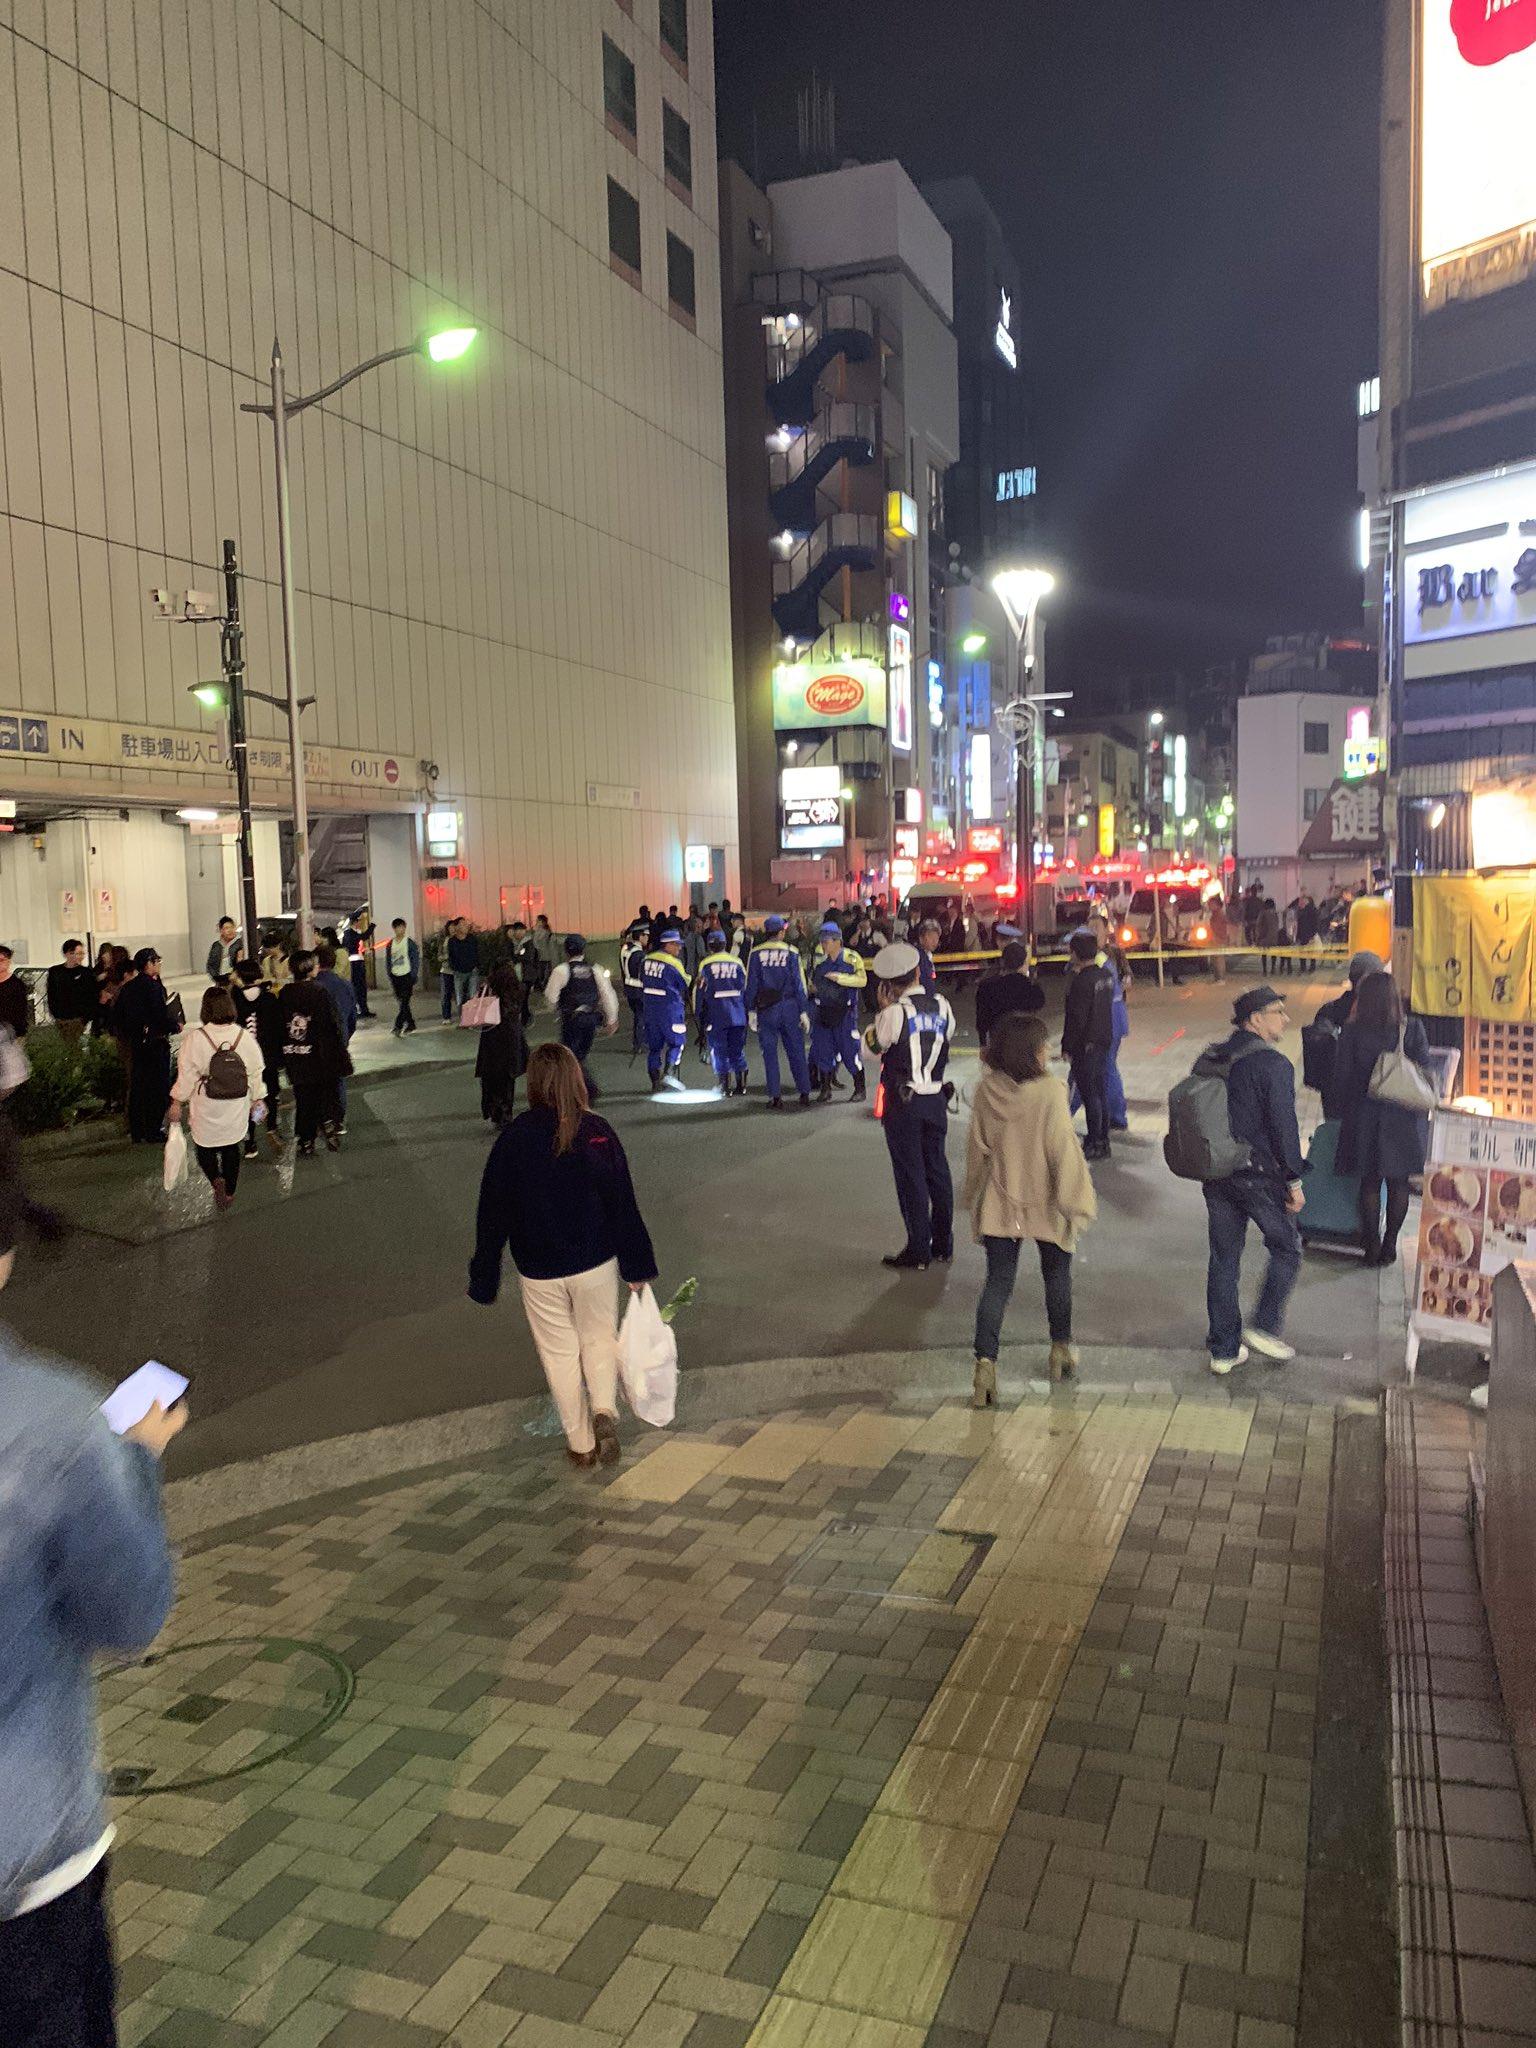 立川駅前の事故またはひき逃げ事件で現場検証している画像